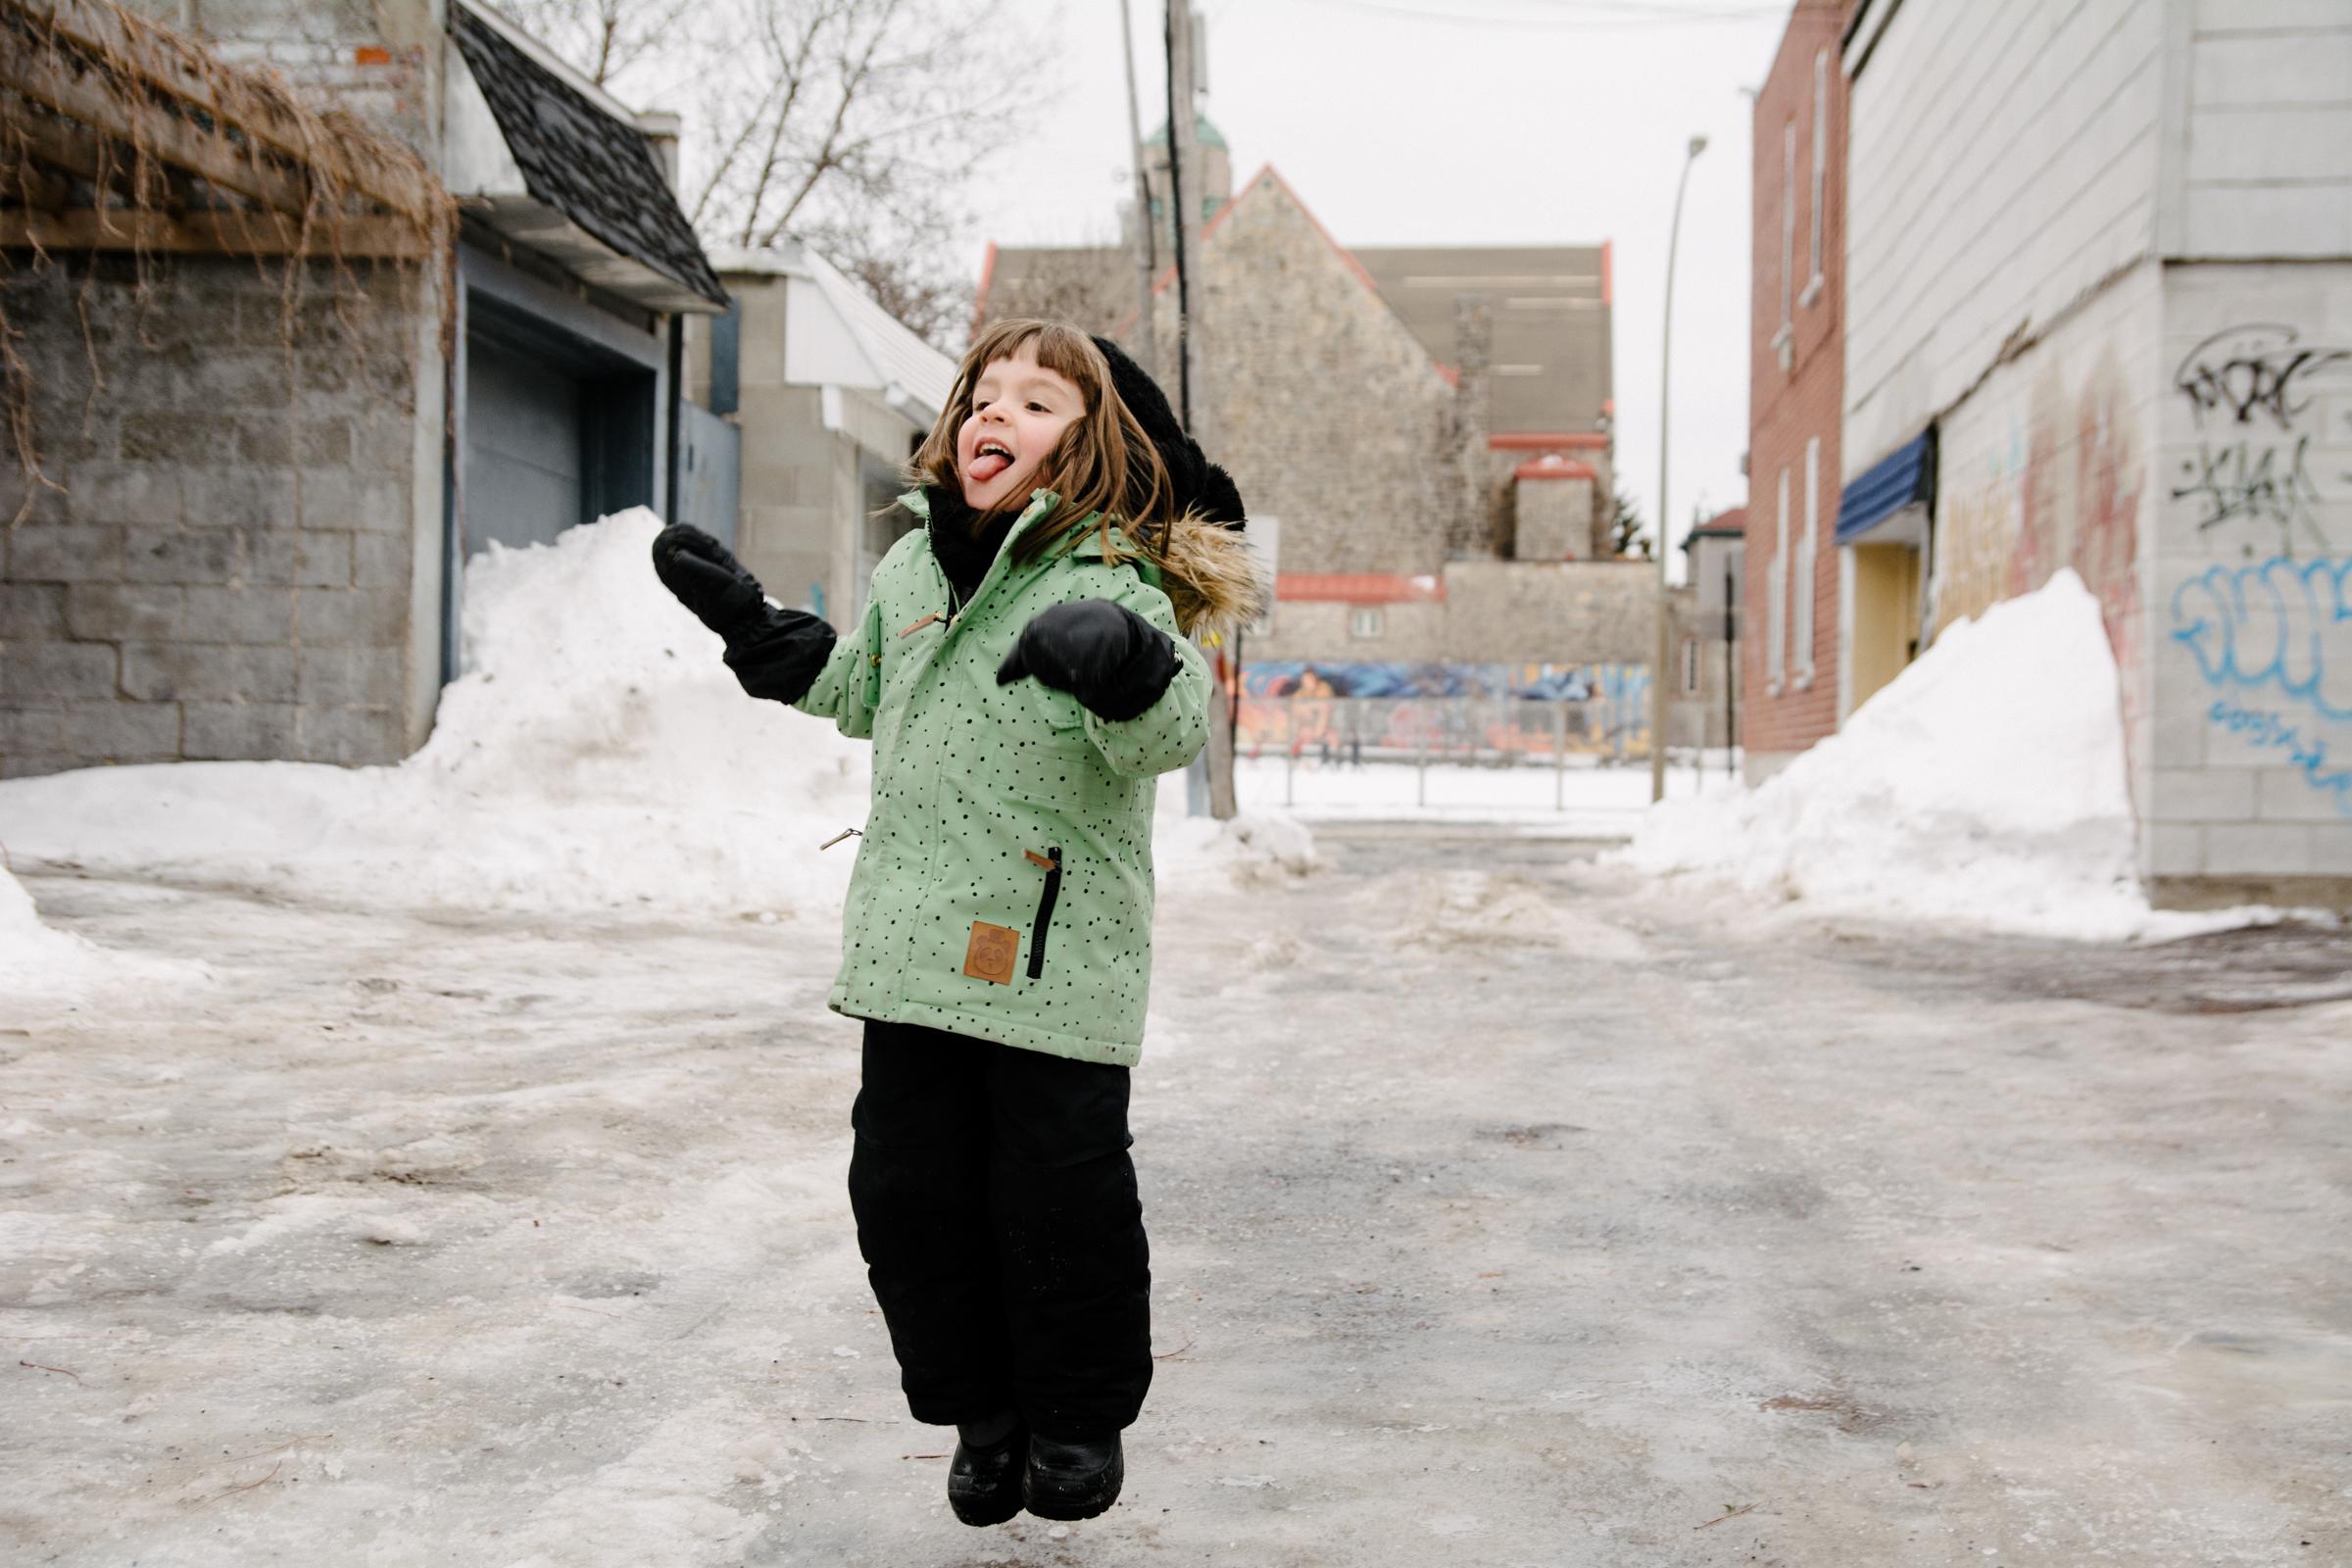 photo-d-un-enfant-qui-saute-sur-la-glace-dans-une-ruelle-de-rosemont-l-hiver-photographe-famille-lifestyle-a-montreal-199.jpg